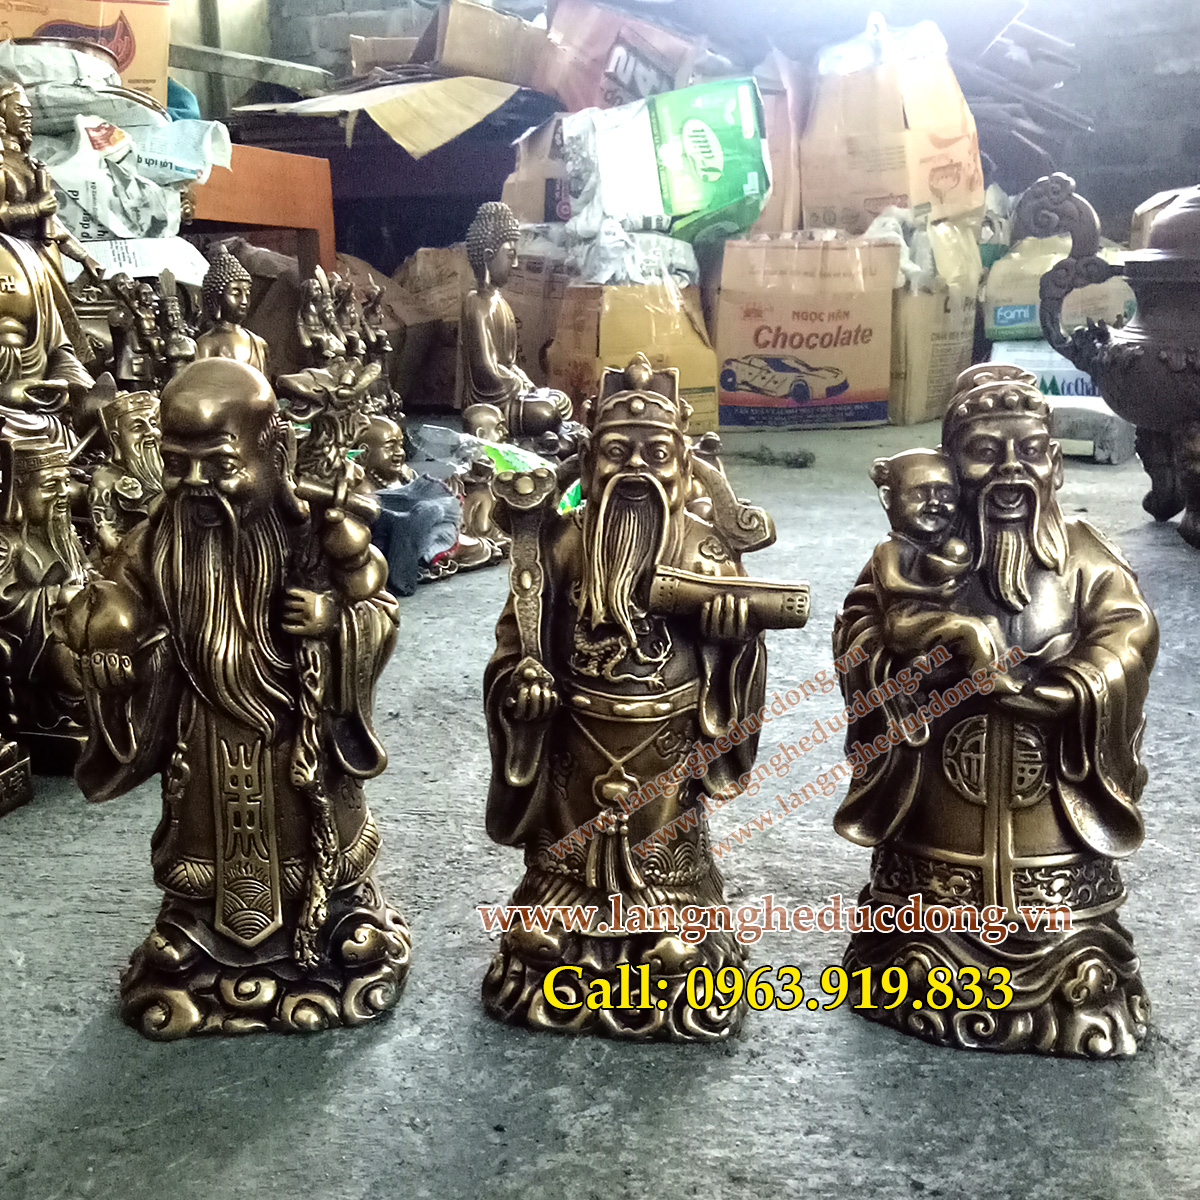 langngheducdong.vn - bộ tượng tam đa bằng đồng vàng cao 23cm